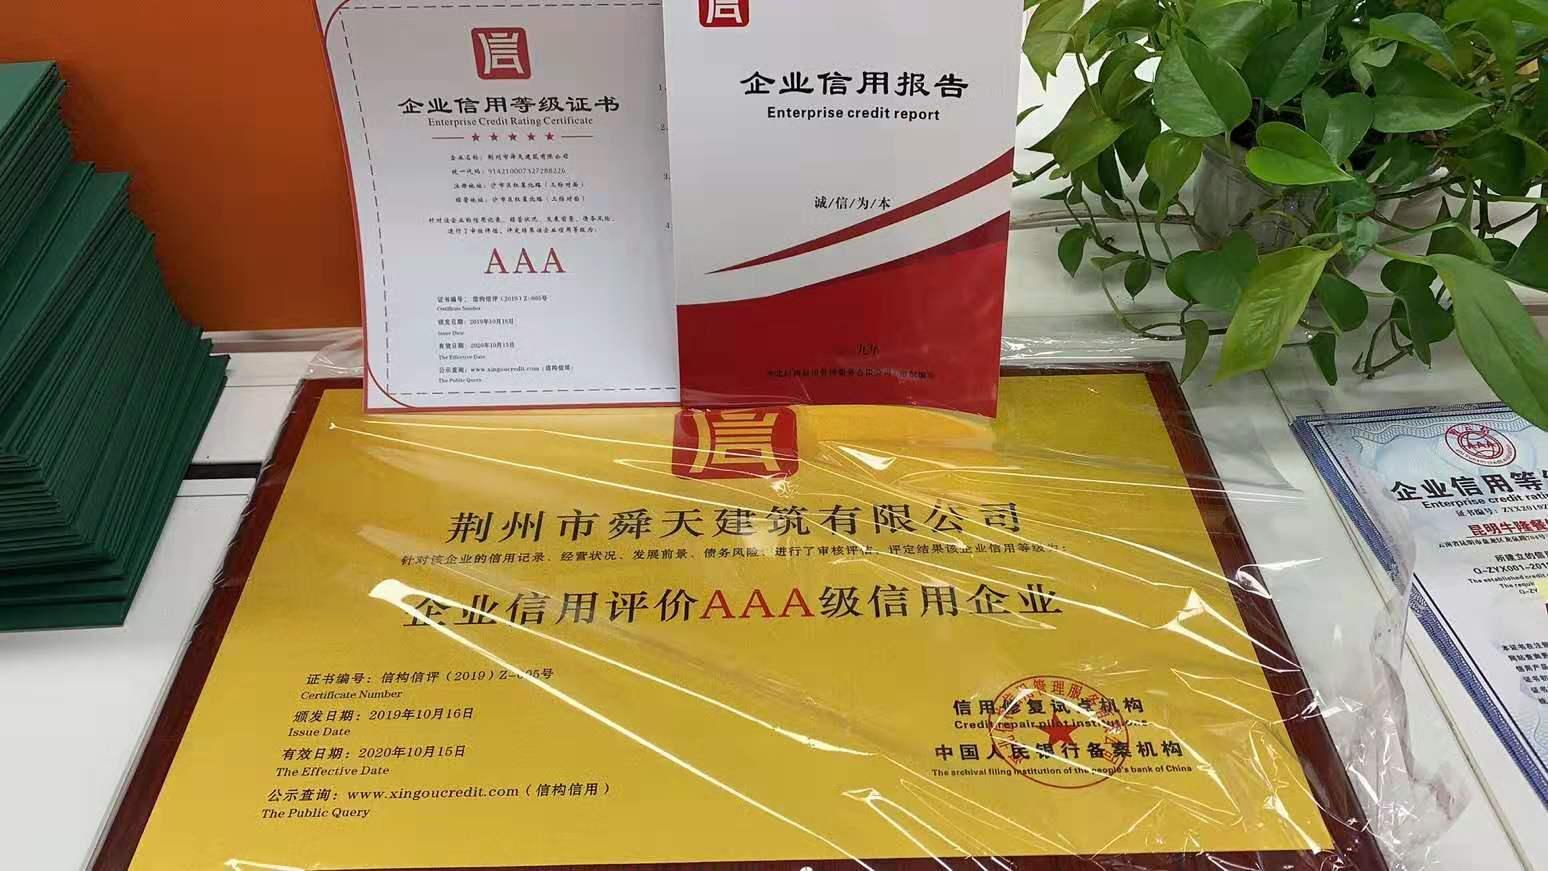 AAA信用等级证书,企业信用等级证书,AAA信用证书